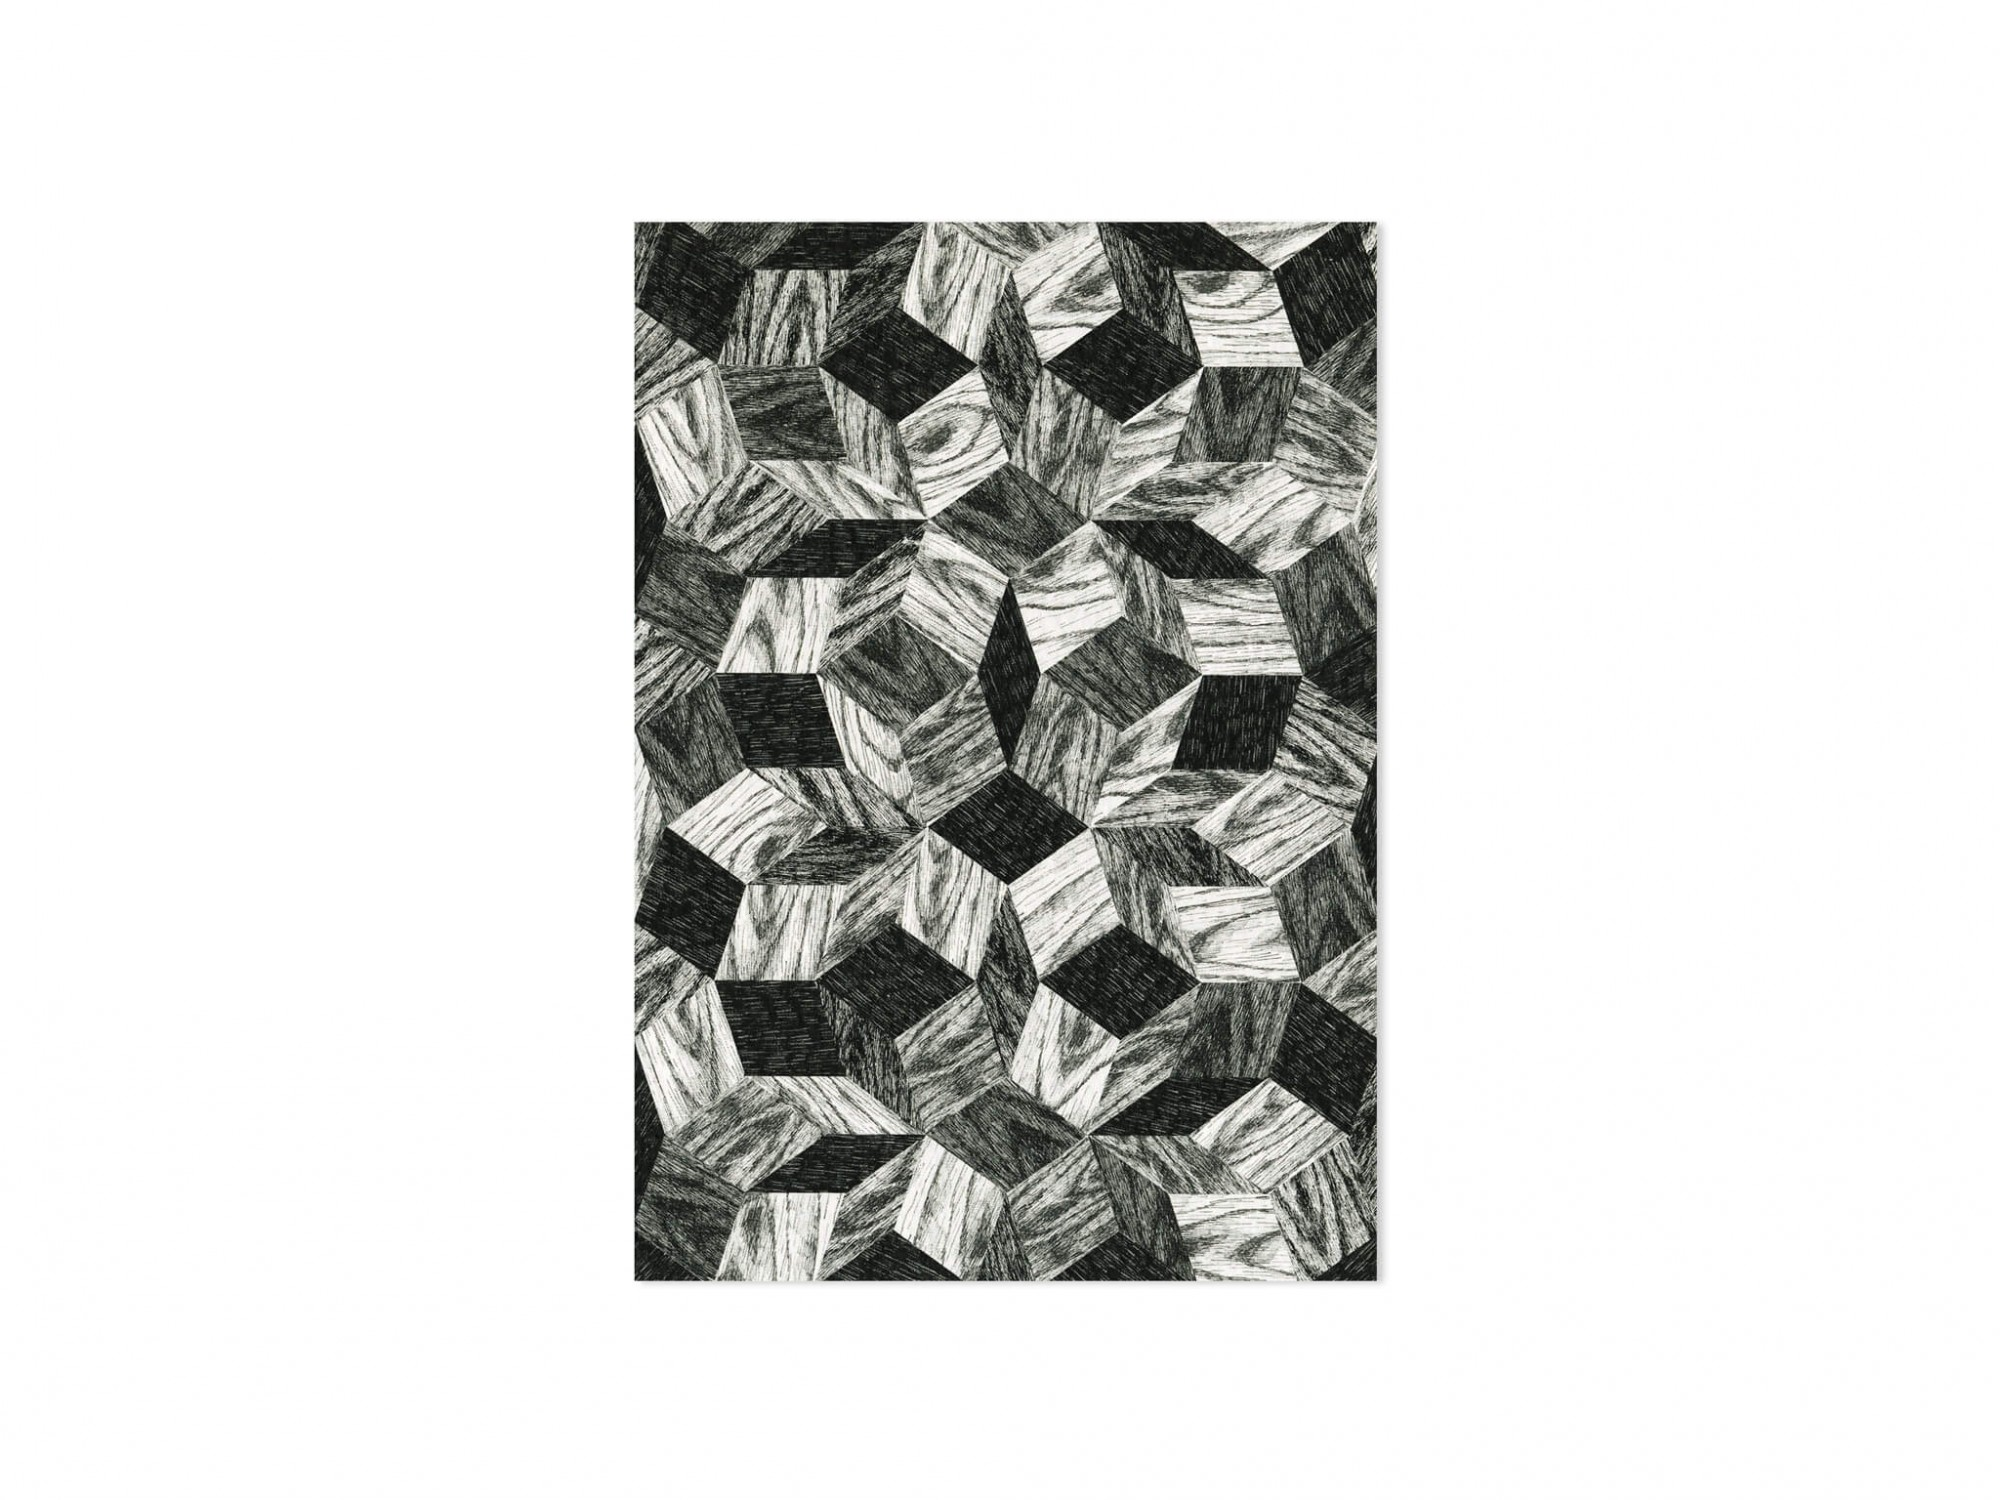 carte Penrose Black Wood, Une collection de cartes postales graphiques dessinés par les artistes Ich&Kar.